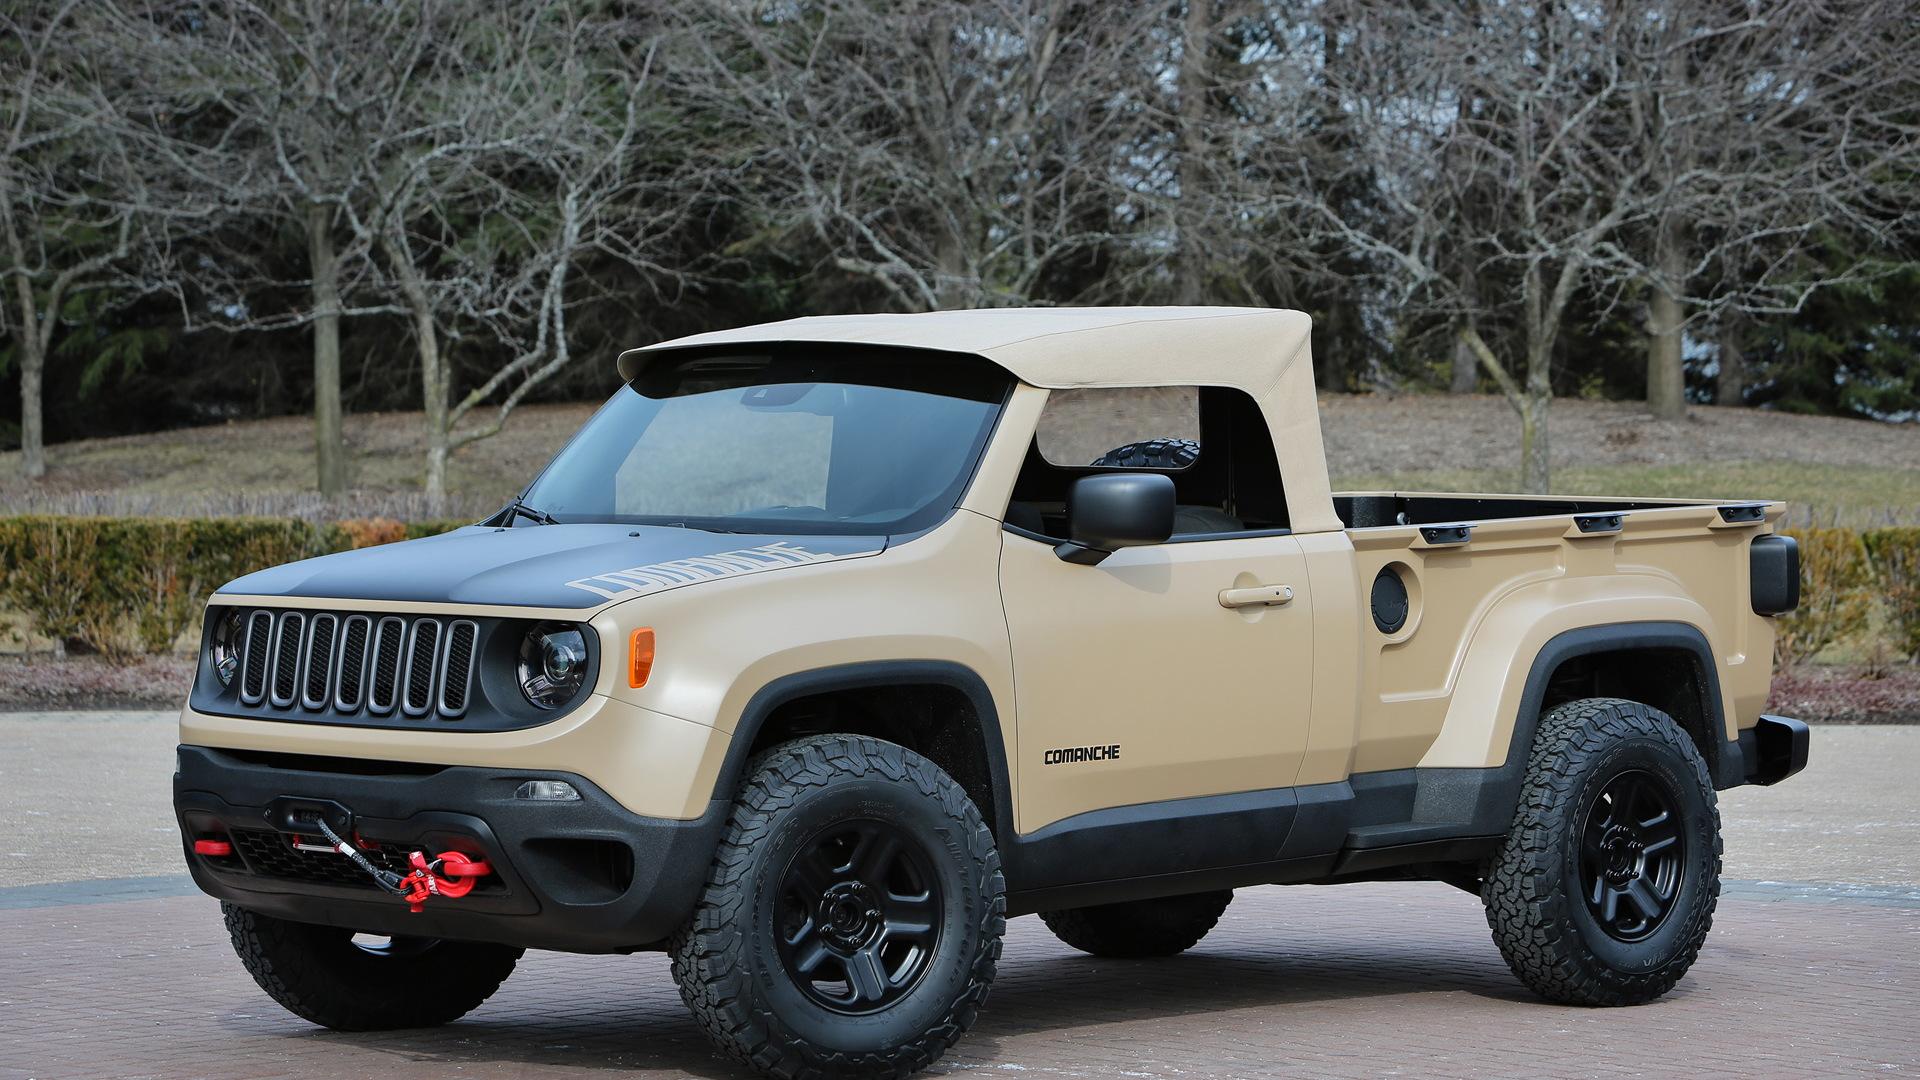 Jeep Comanche concept, 2016 Easter Jeep Safari